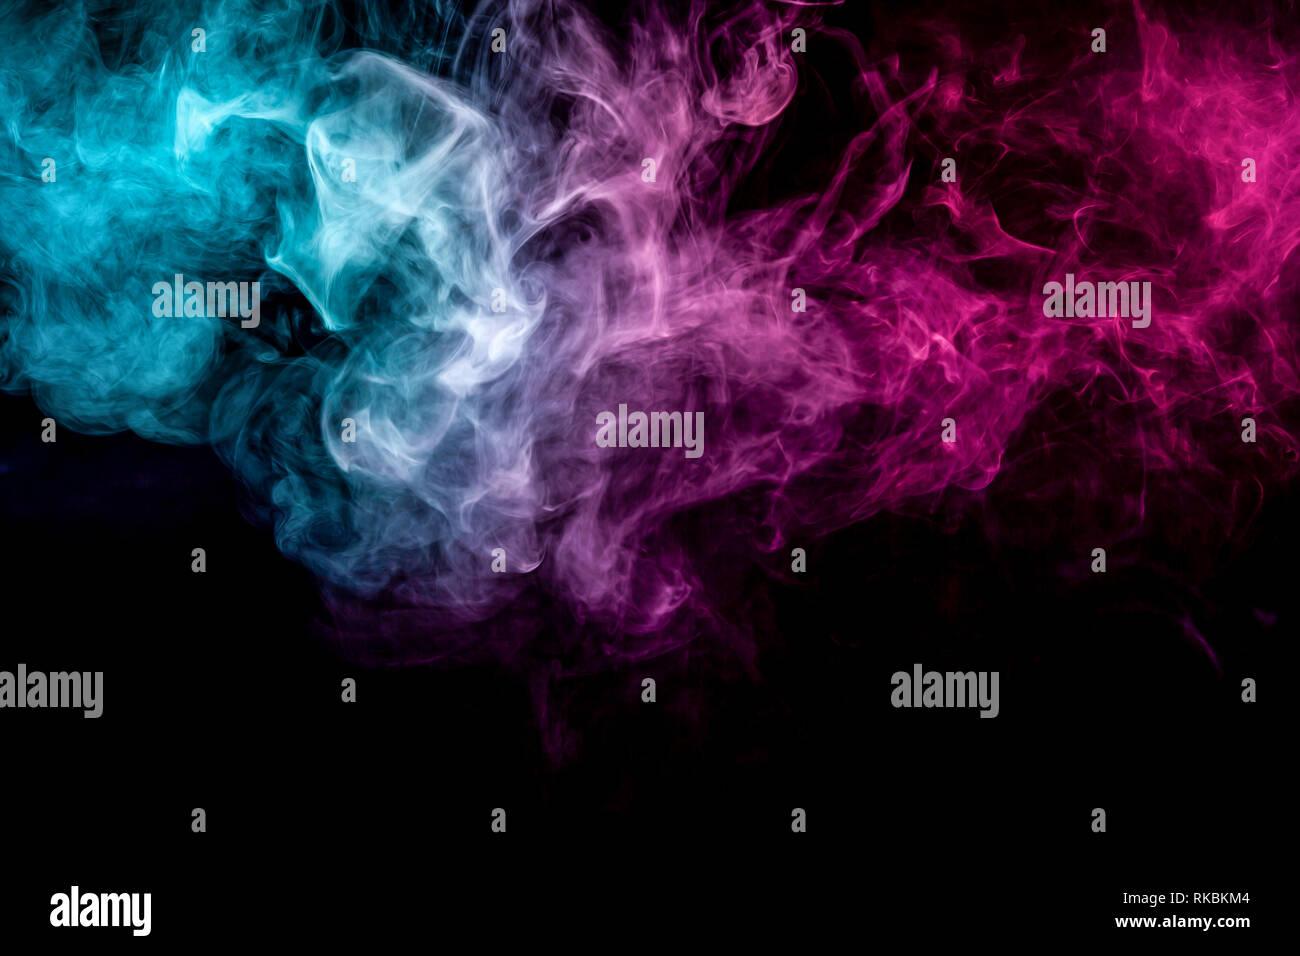 L'art abstrait coloré en bleu et rose sur fond noir de fumée isolés. Arrêter le mouvement de la fumée multicolore sur fond sombre Banque D'Images